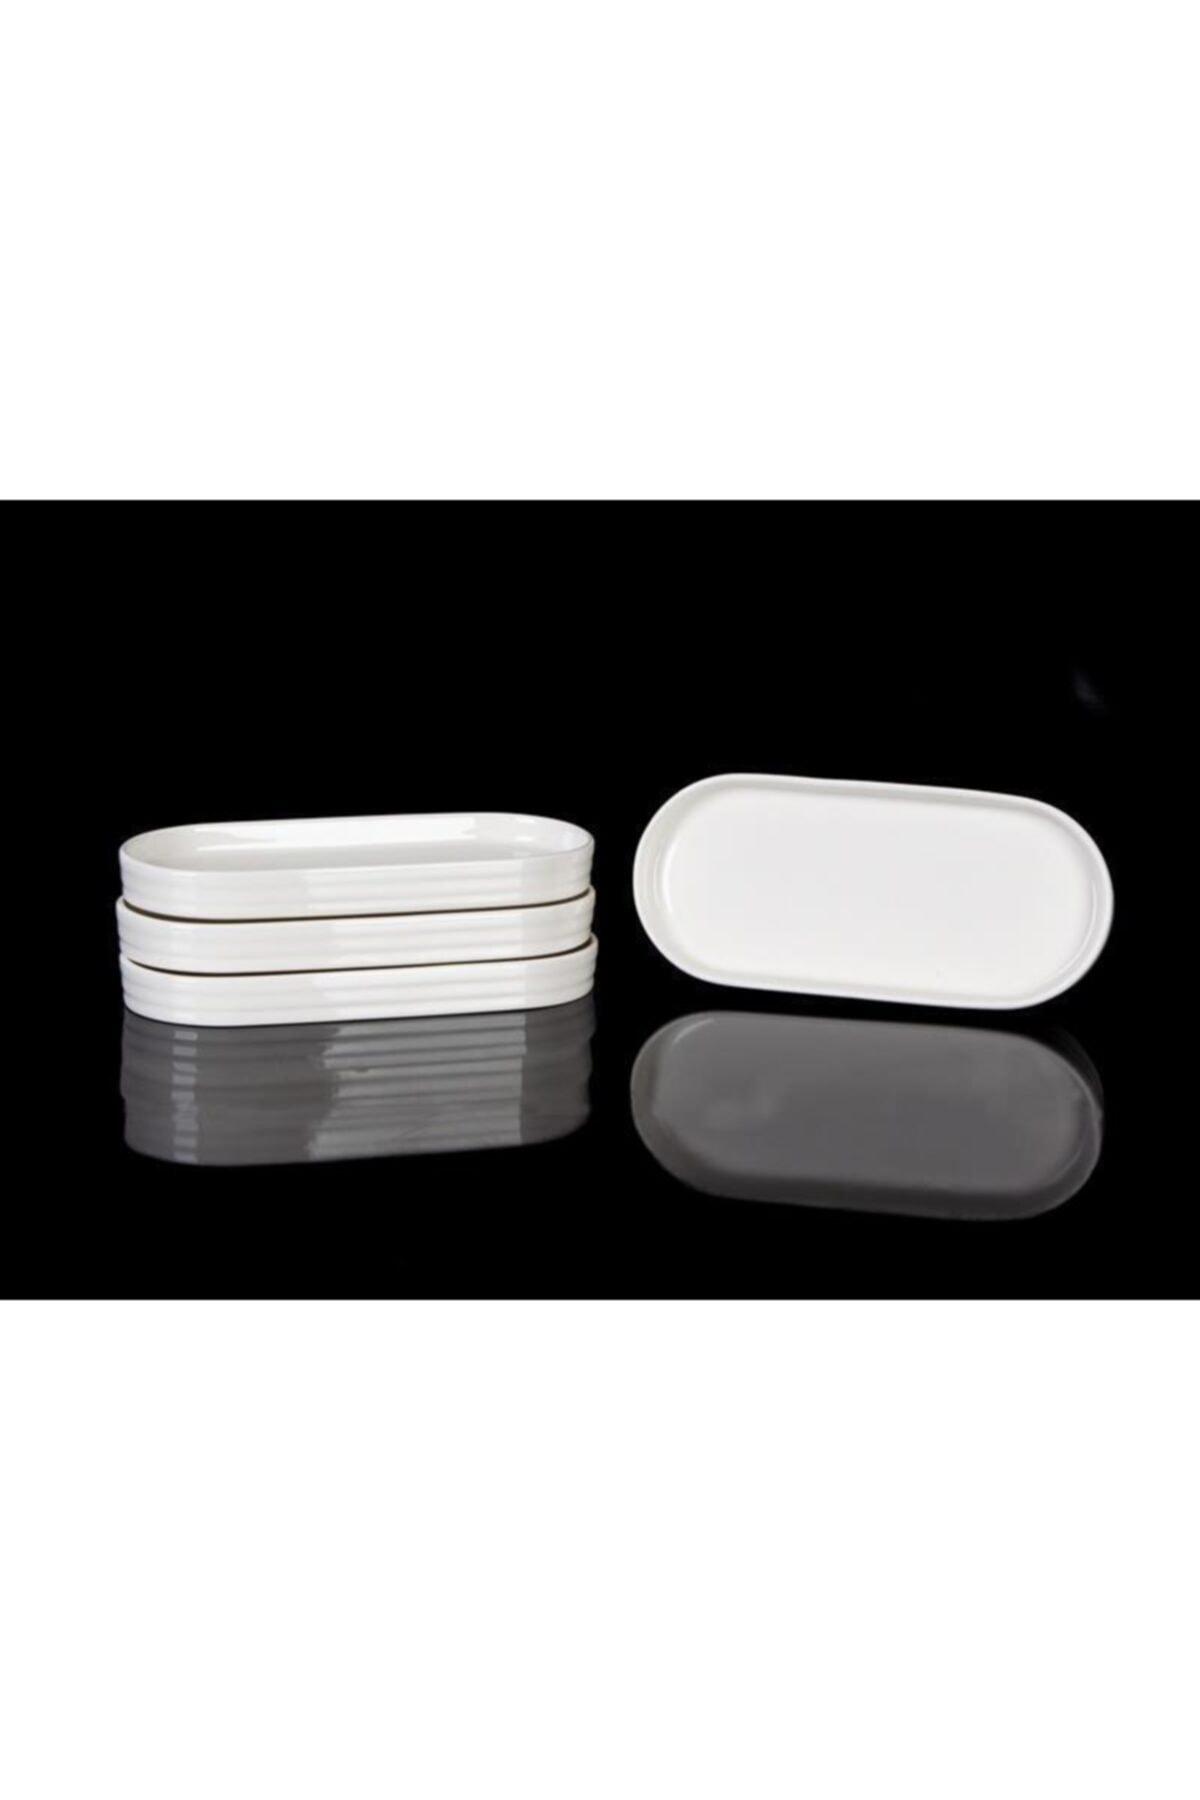 ACAR Bone Porselen 20x13 Cm 6'lı Oval Kayık Tabak 10345 1